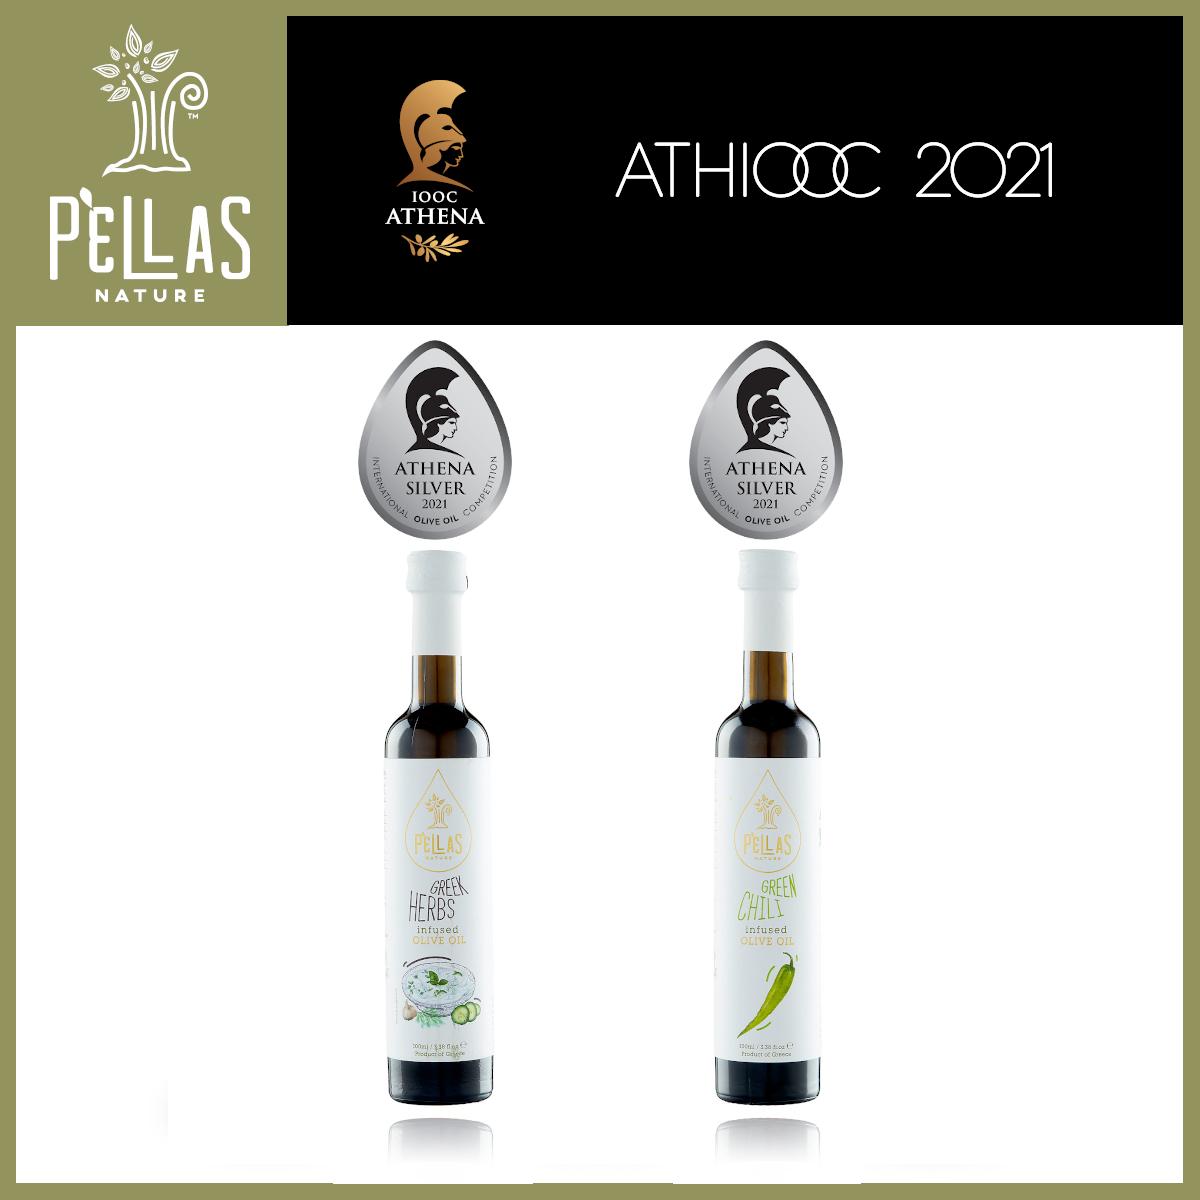 Athena IOOC 2021